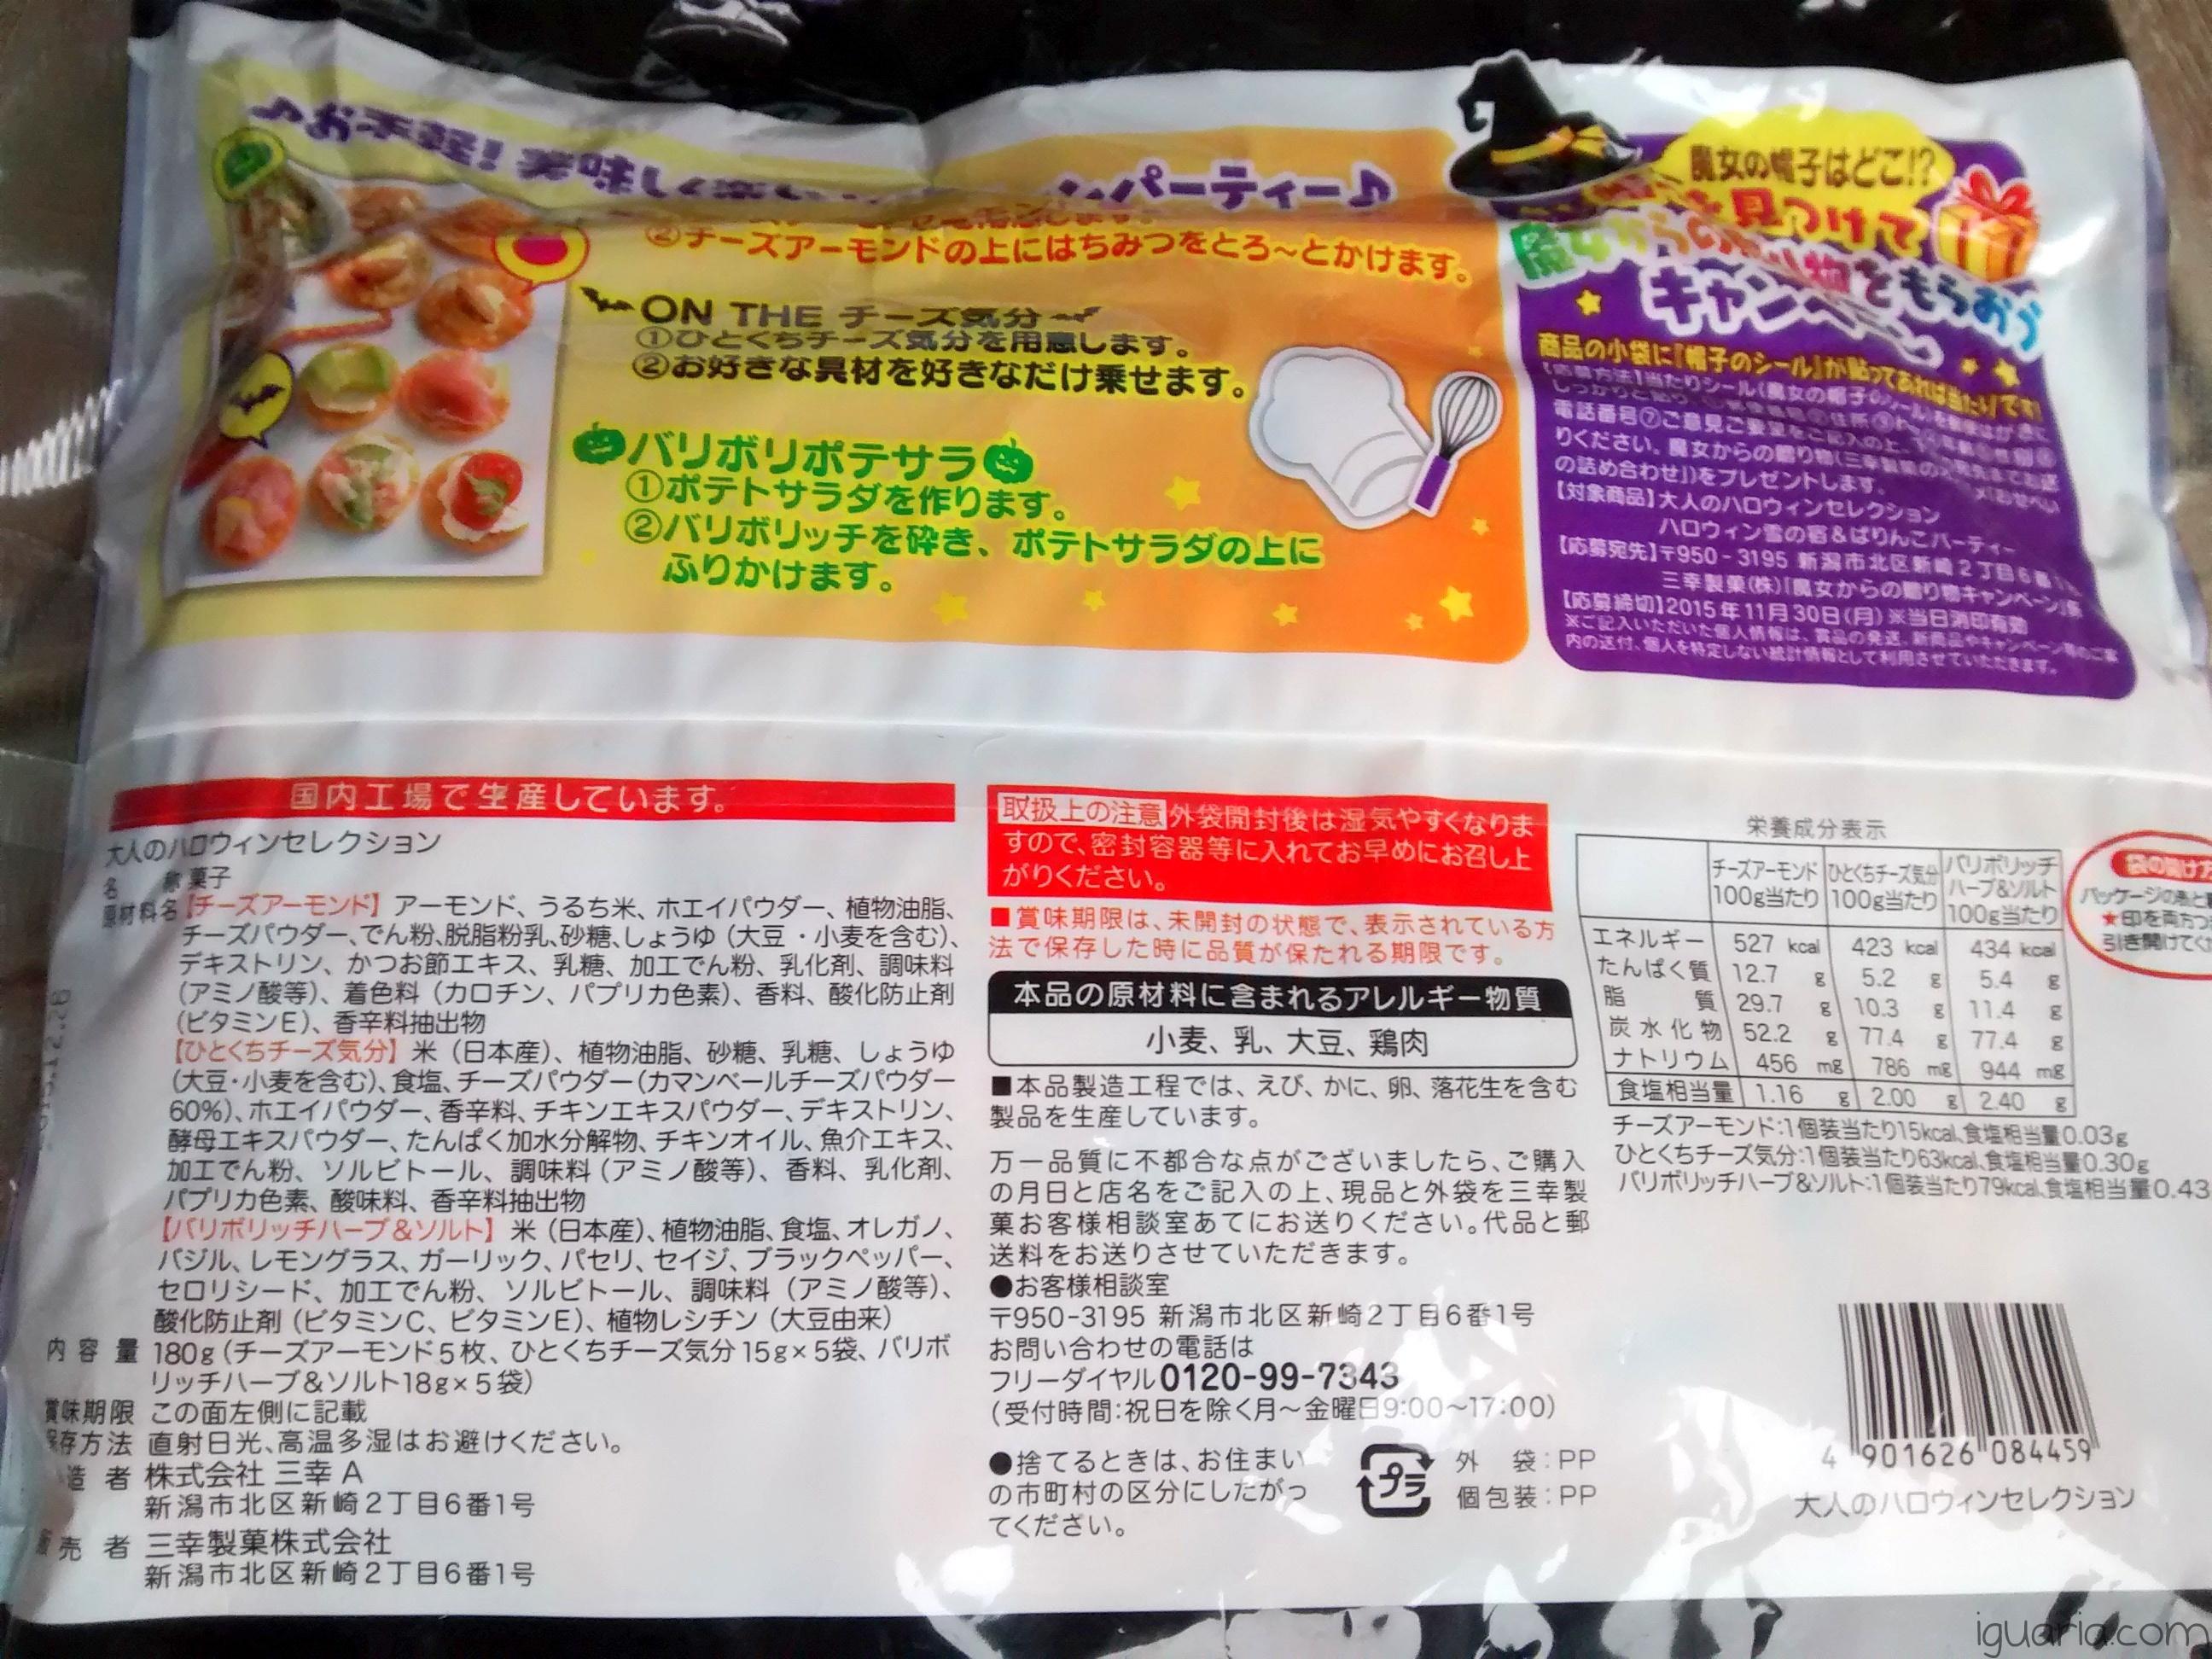 iguaria-legenda-bolachinhas-de-arroz